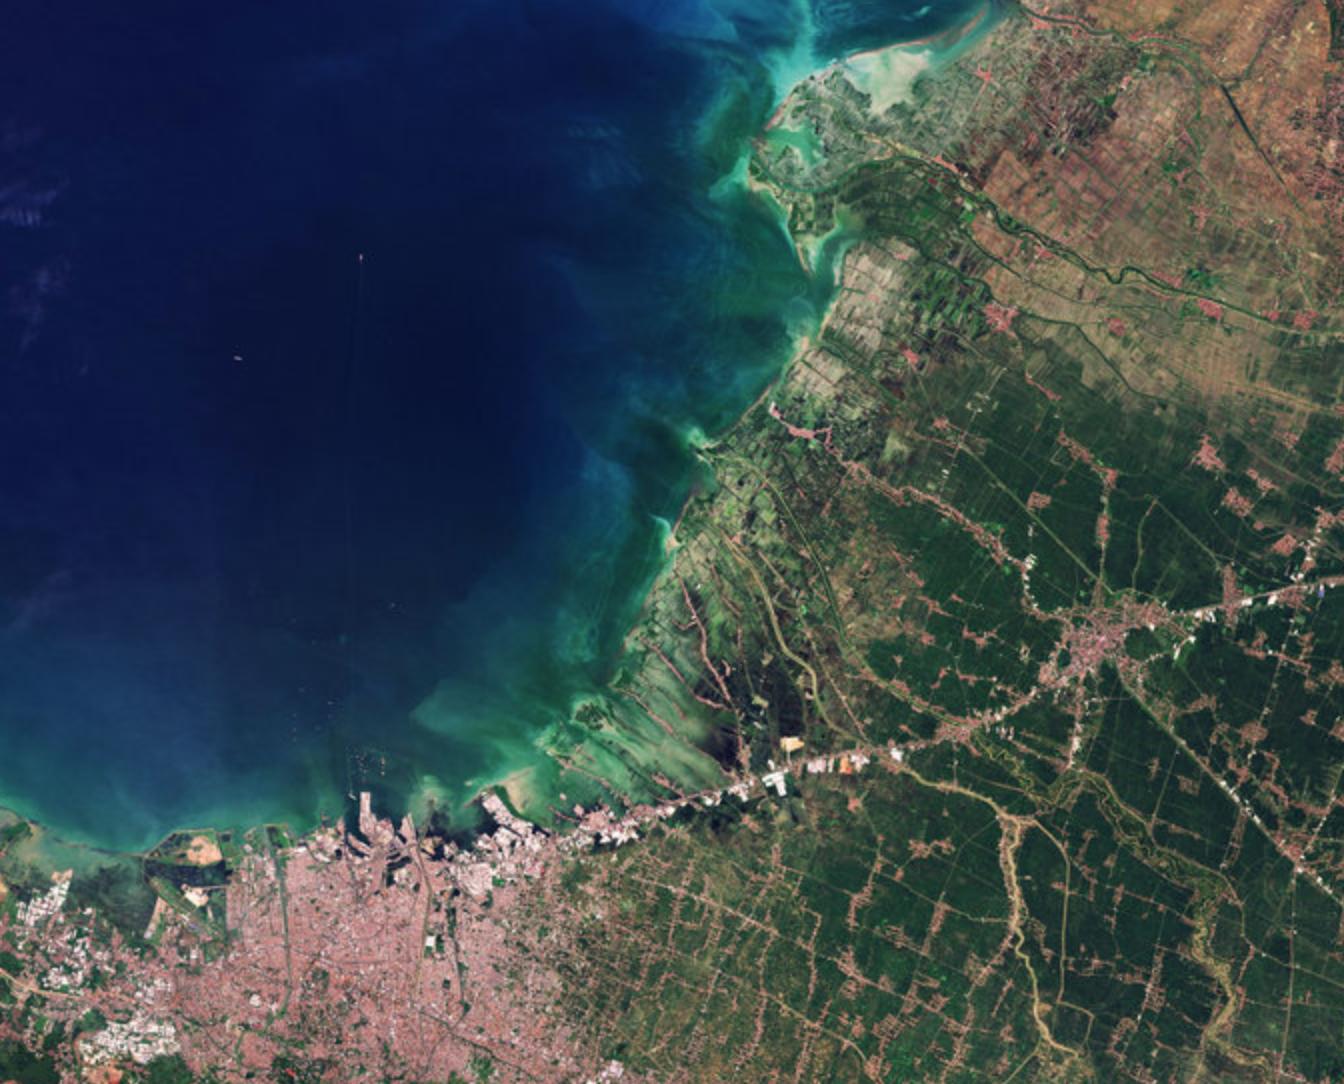 Bali, un tourisme en plein essor. Comment faire face à la pression environnementale ? 2/2